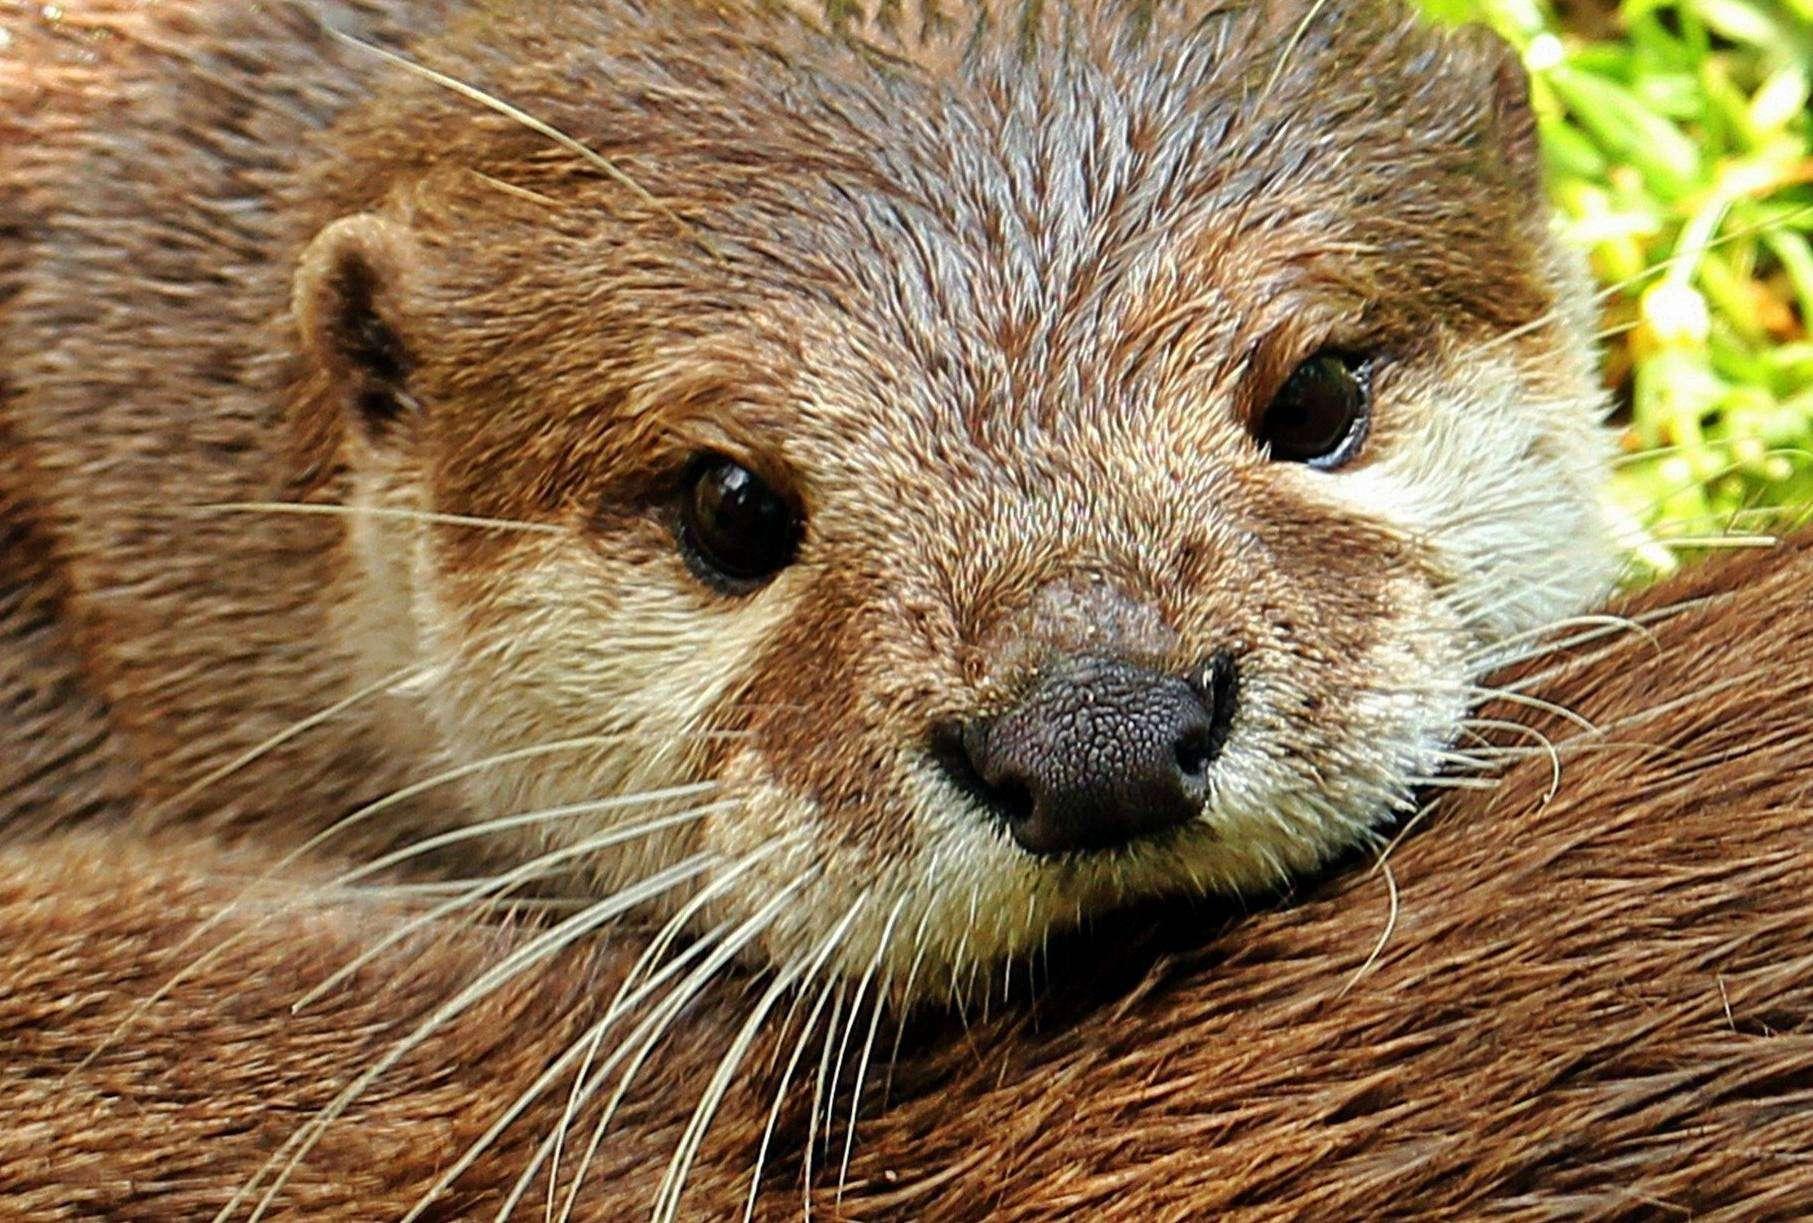 Die Deutsche Wildtierstiftung ernennt den Fischotter, das Wappentier von Ottersberg, zum